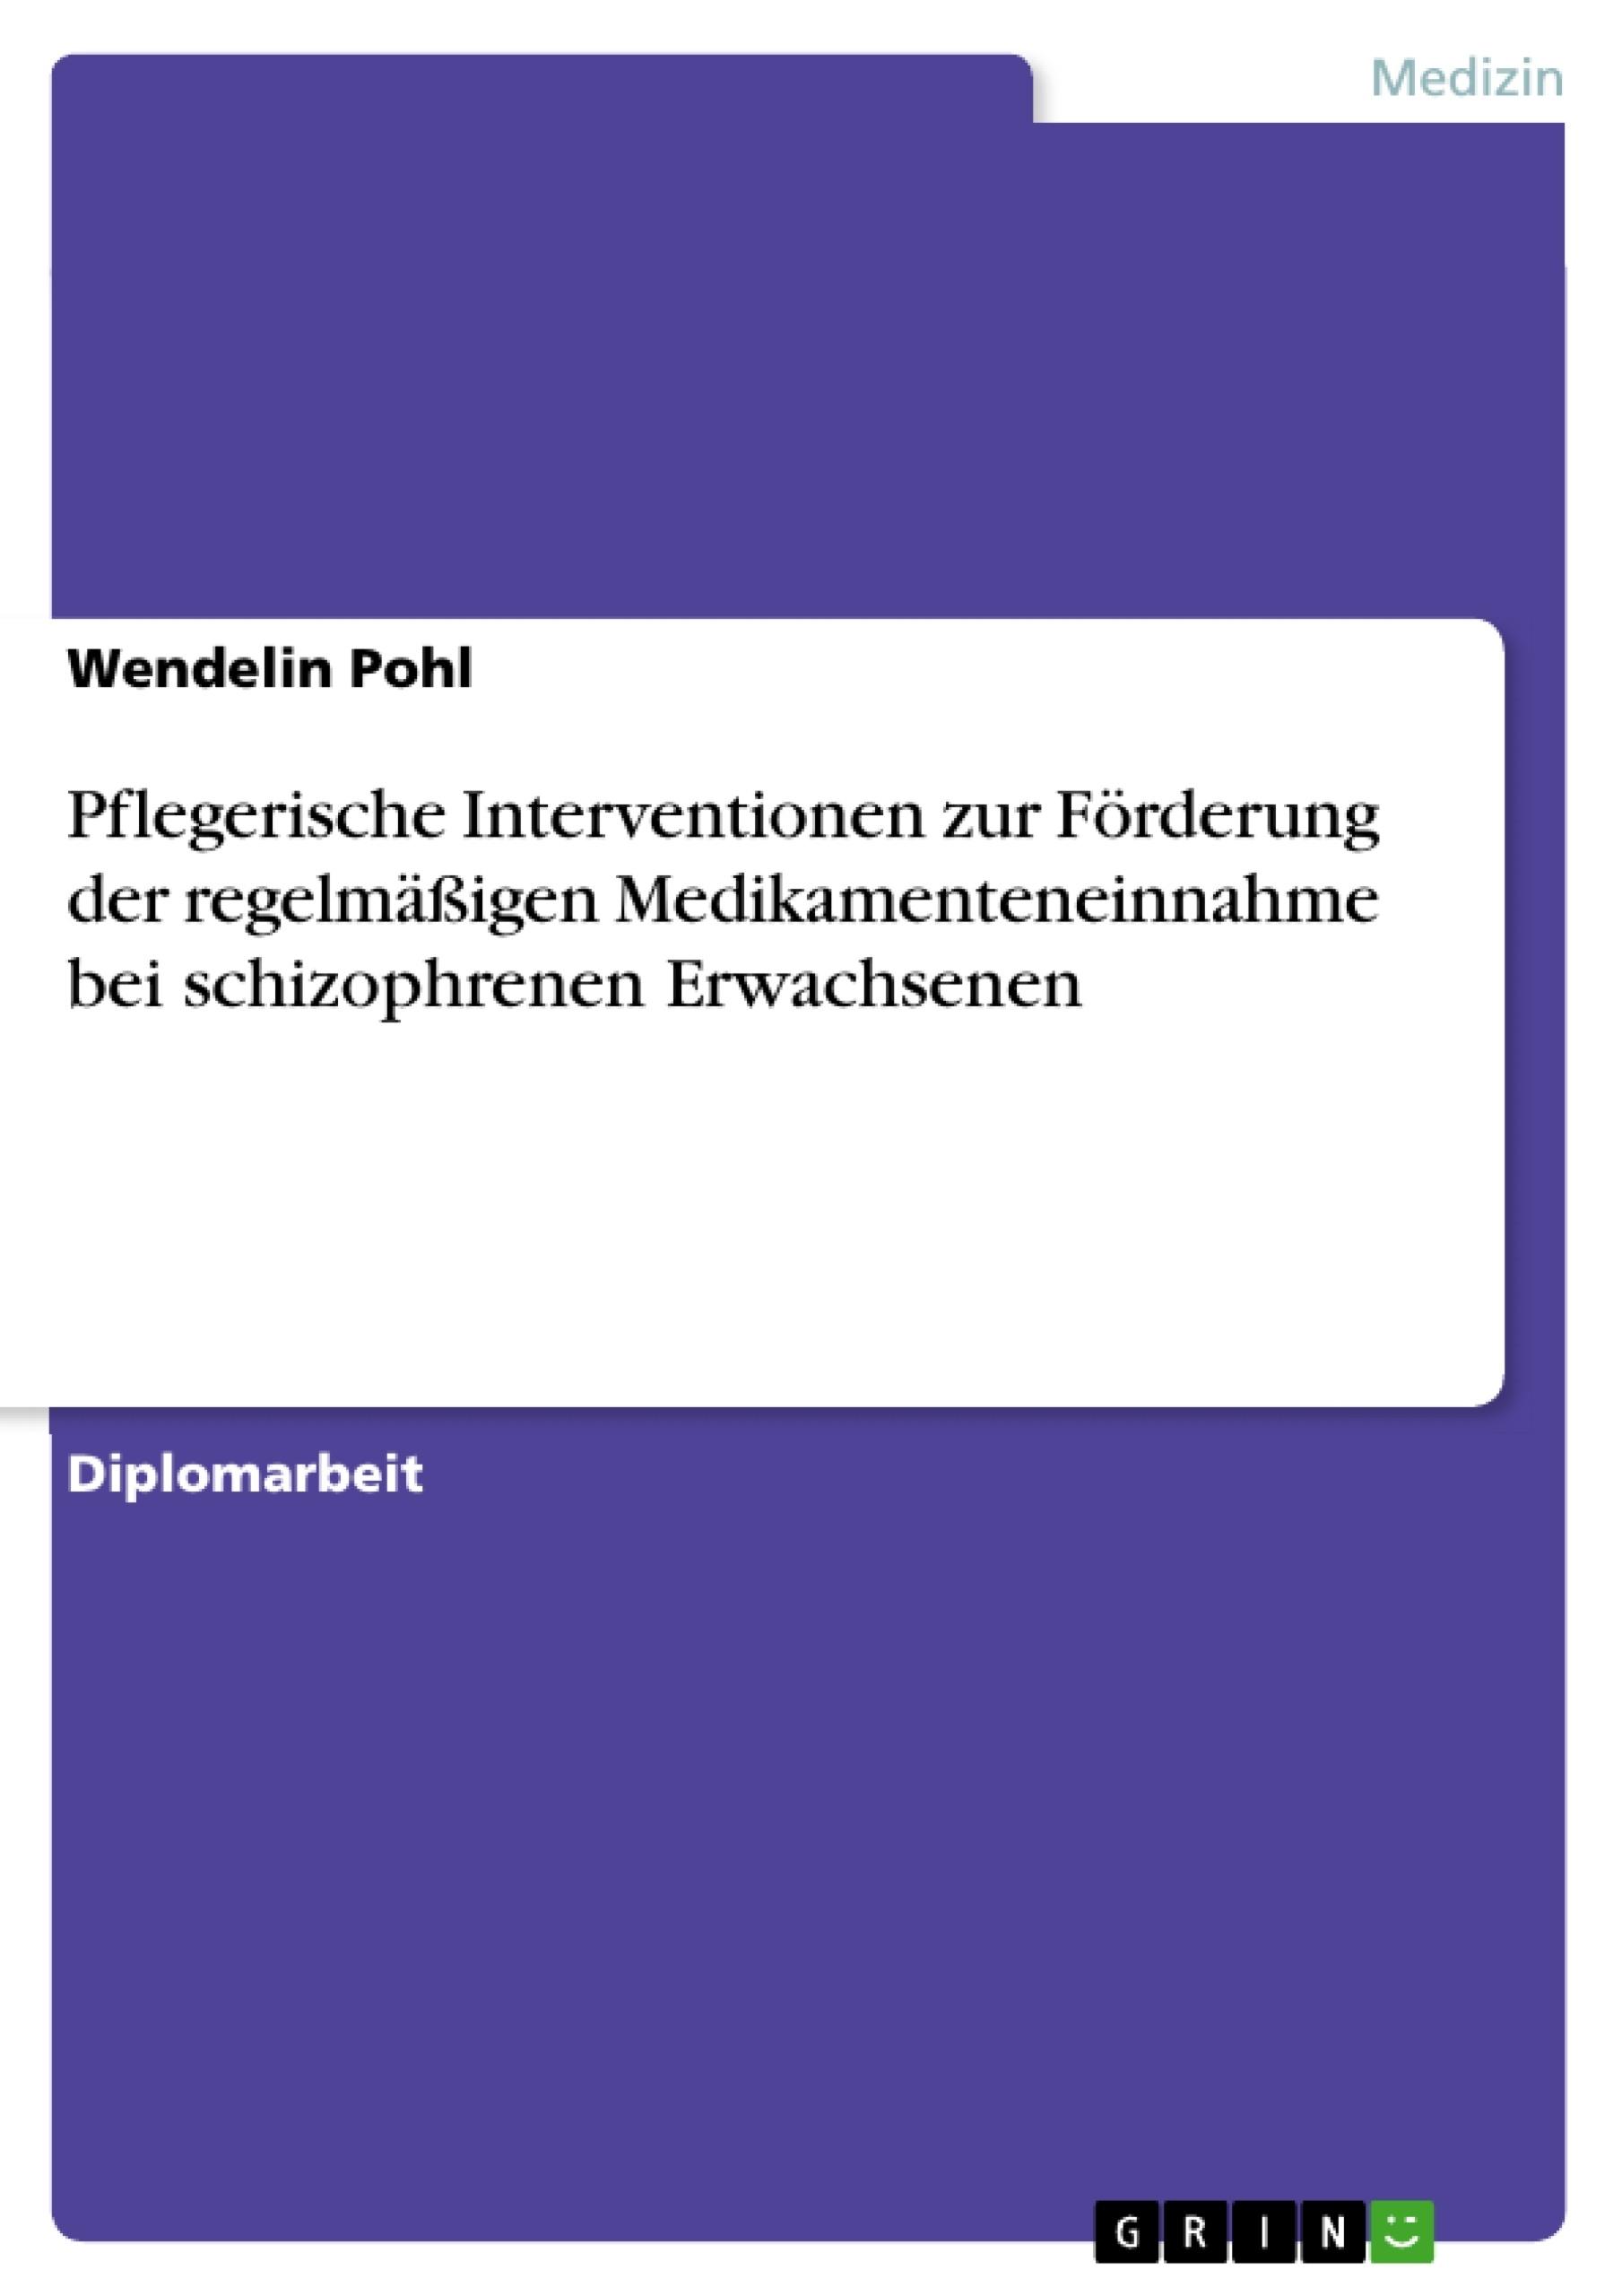 Titel: Pflegerische Interventionen zur Förderung der regelmäßigen Medikamenteneinnahme bei schizophrenen Erwachsenen